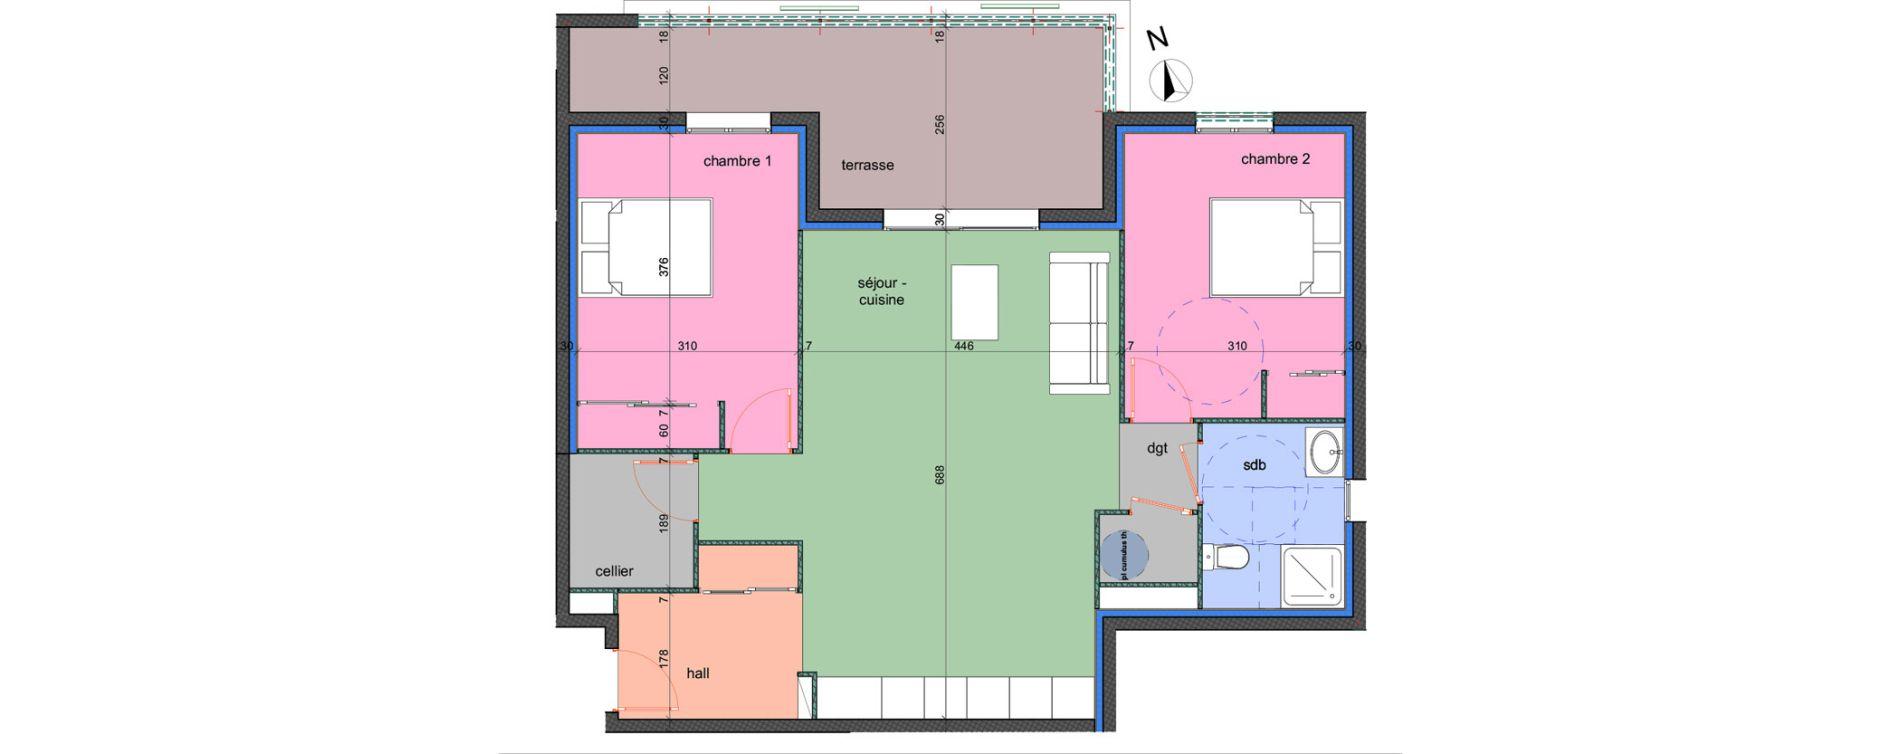 Appartement T3 de 74,50 m2 à Porto-Vecchio Centre